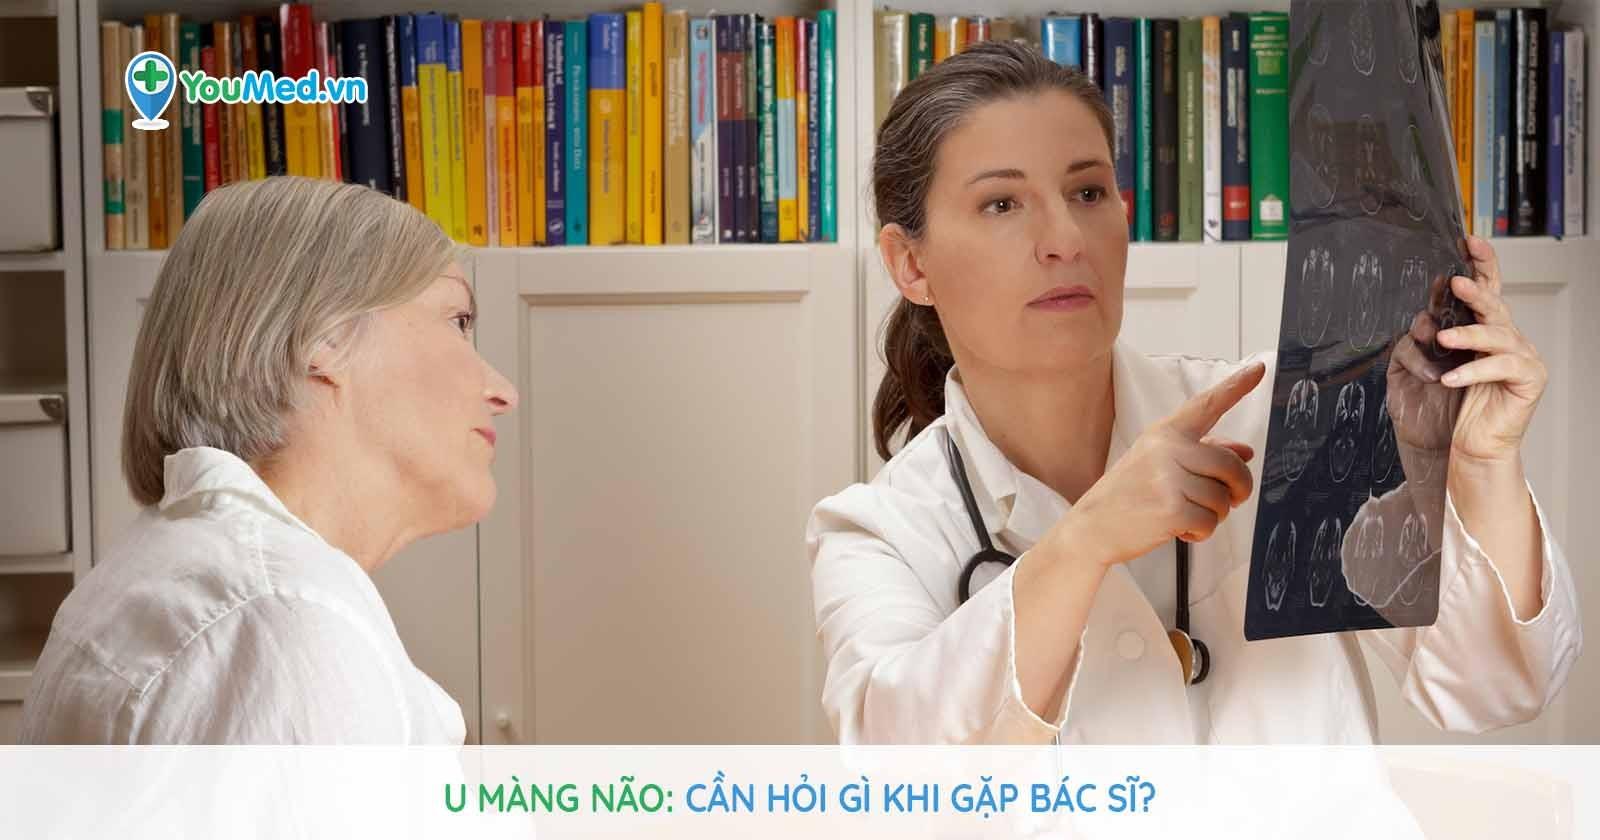 U màng não: Cần hỏi gì khi gặp bác sĩ?